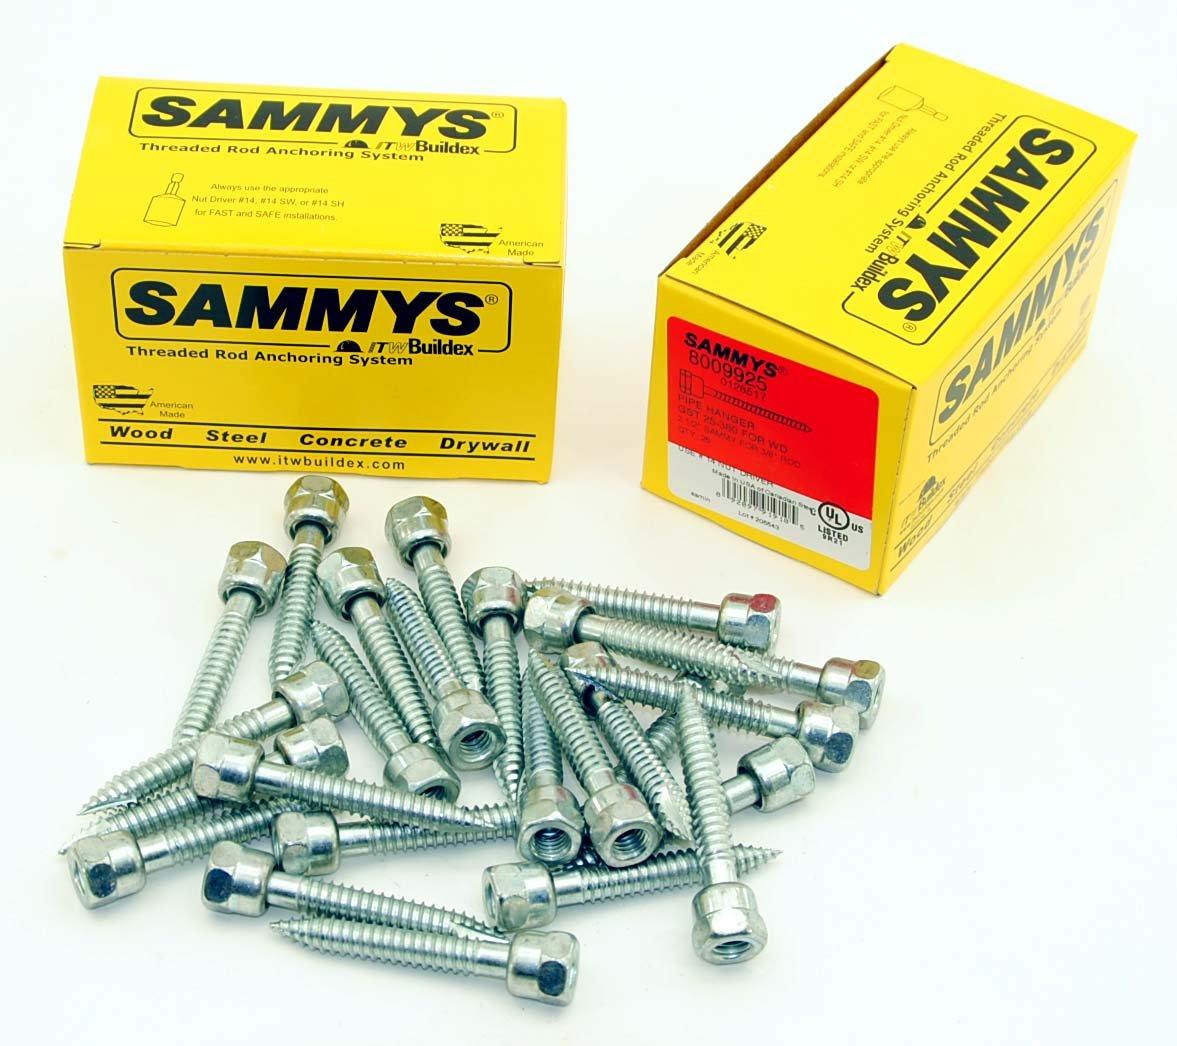 Sammys 3//8-16 x 2-1//2 Threaded Rod Hanger for Wood 8009925 25